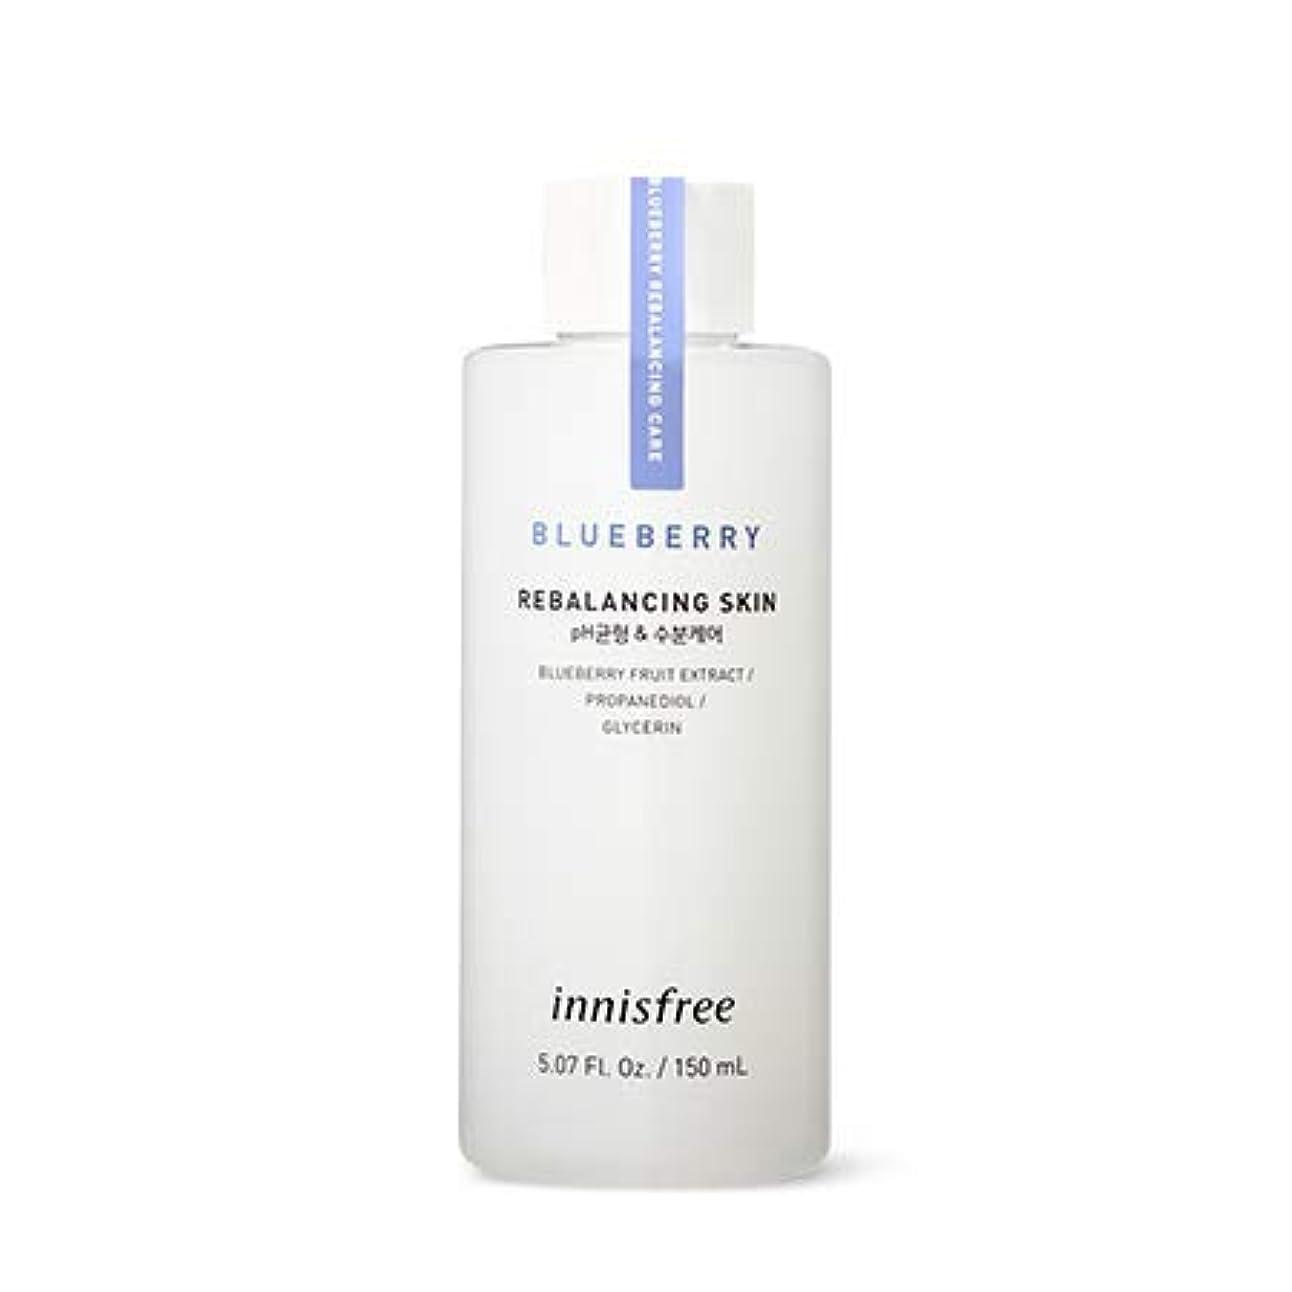 ランチョンとげ拾う[イニスフリー.innisfree]ブルーベリーリバランシングスキン(2019新発売)/ Blueberry Rebalancing Skin (小容量(150ml))